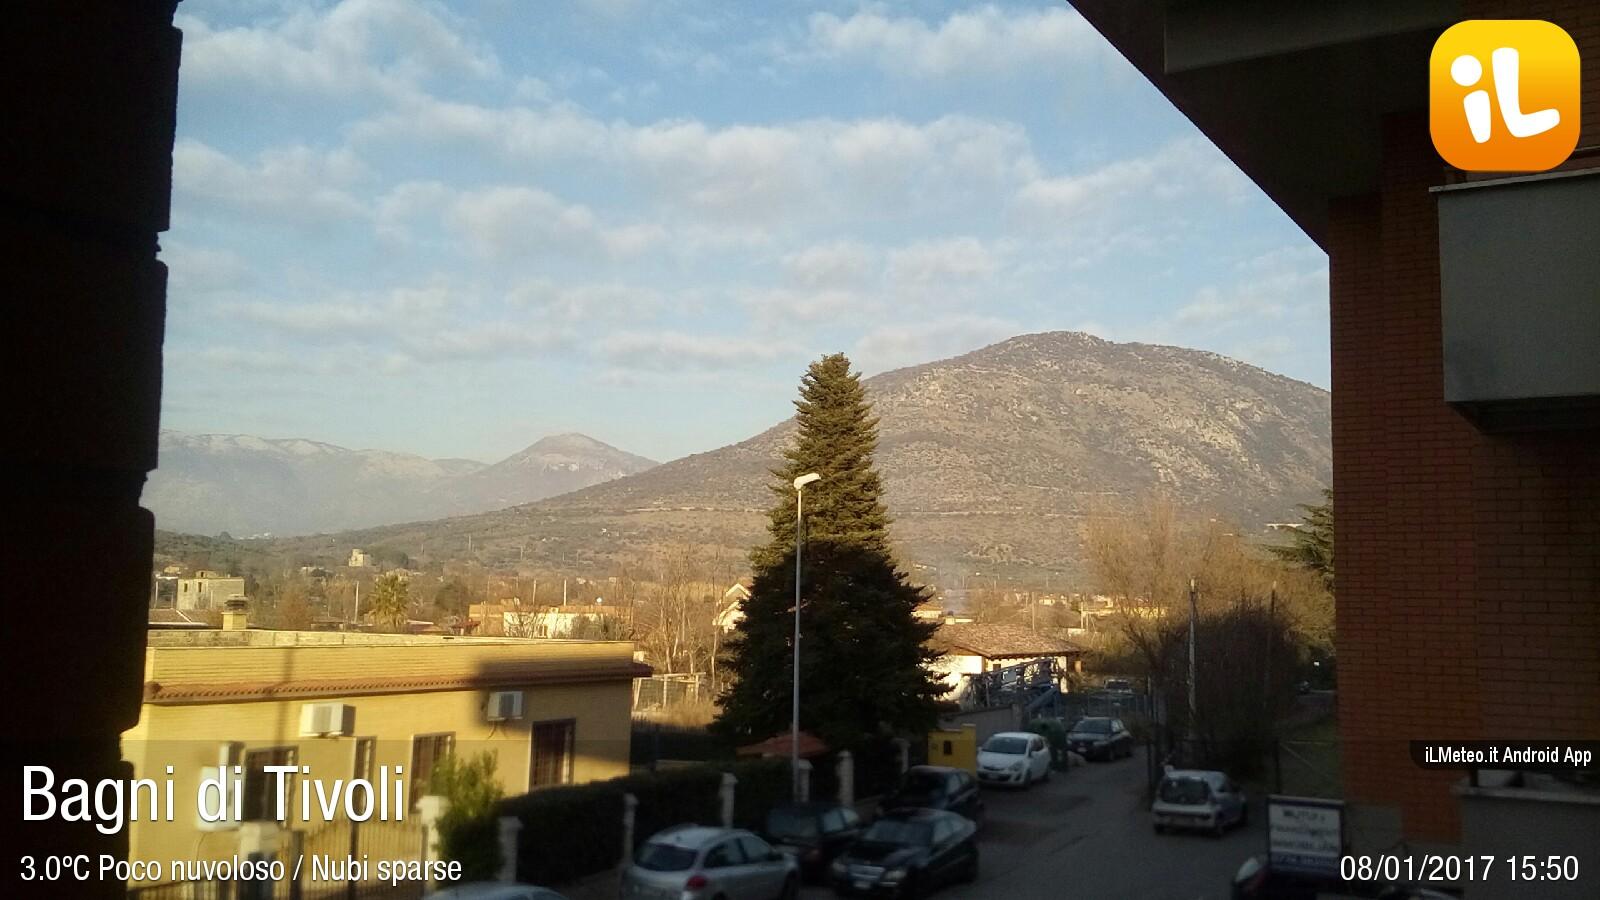 Foto meteo bagni di tivoli bagni di tivoli ore 15 50 - Bagni di tivoli ...